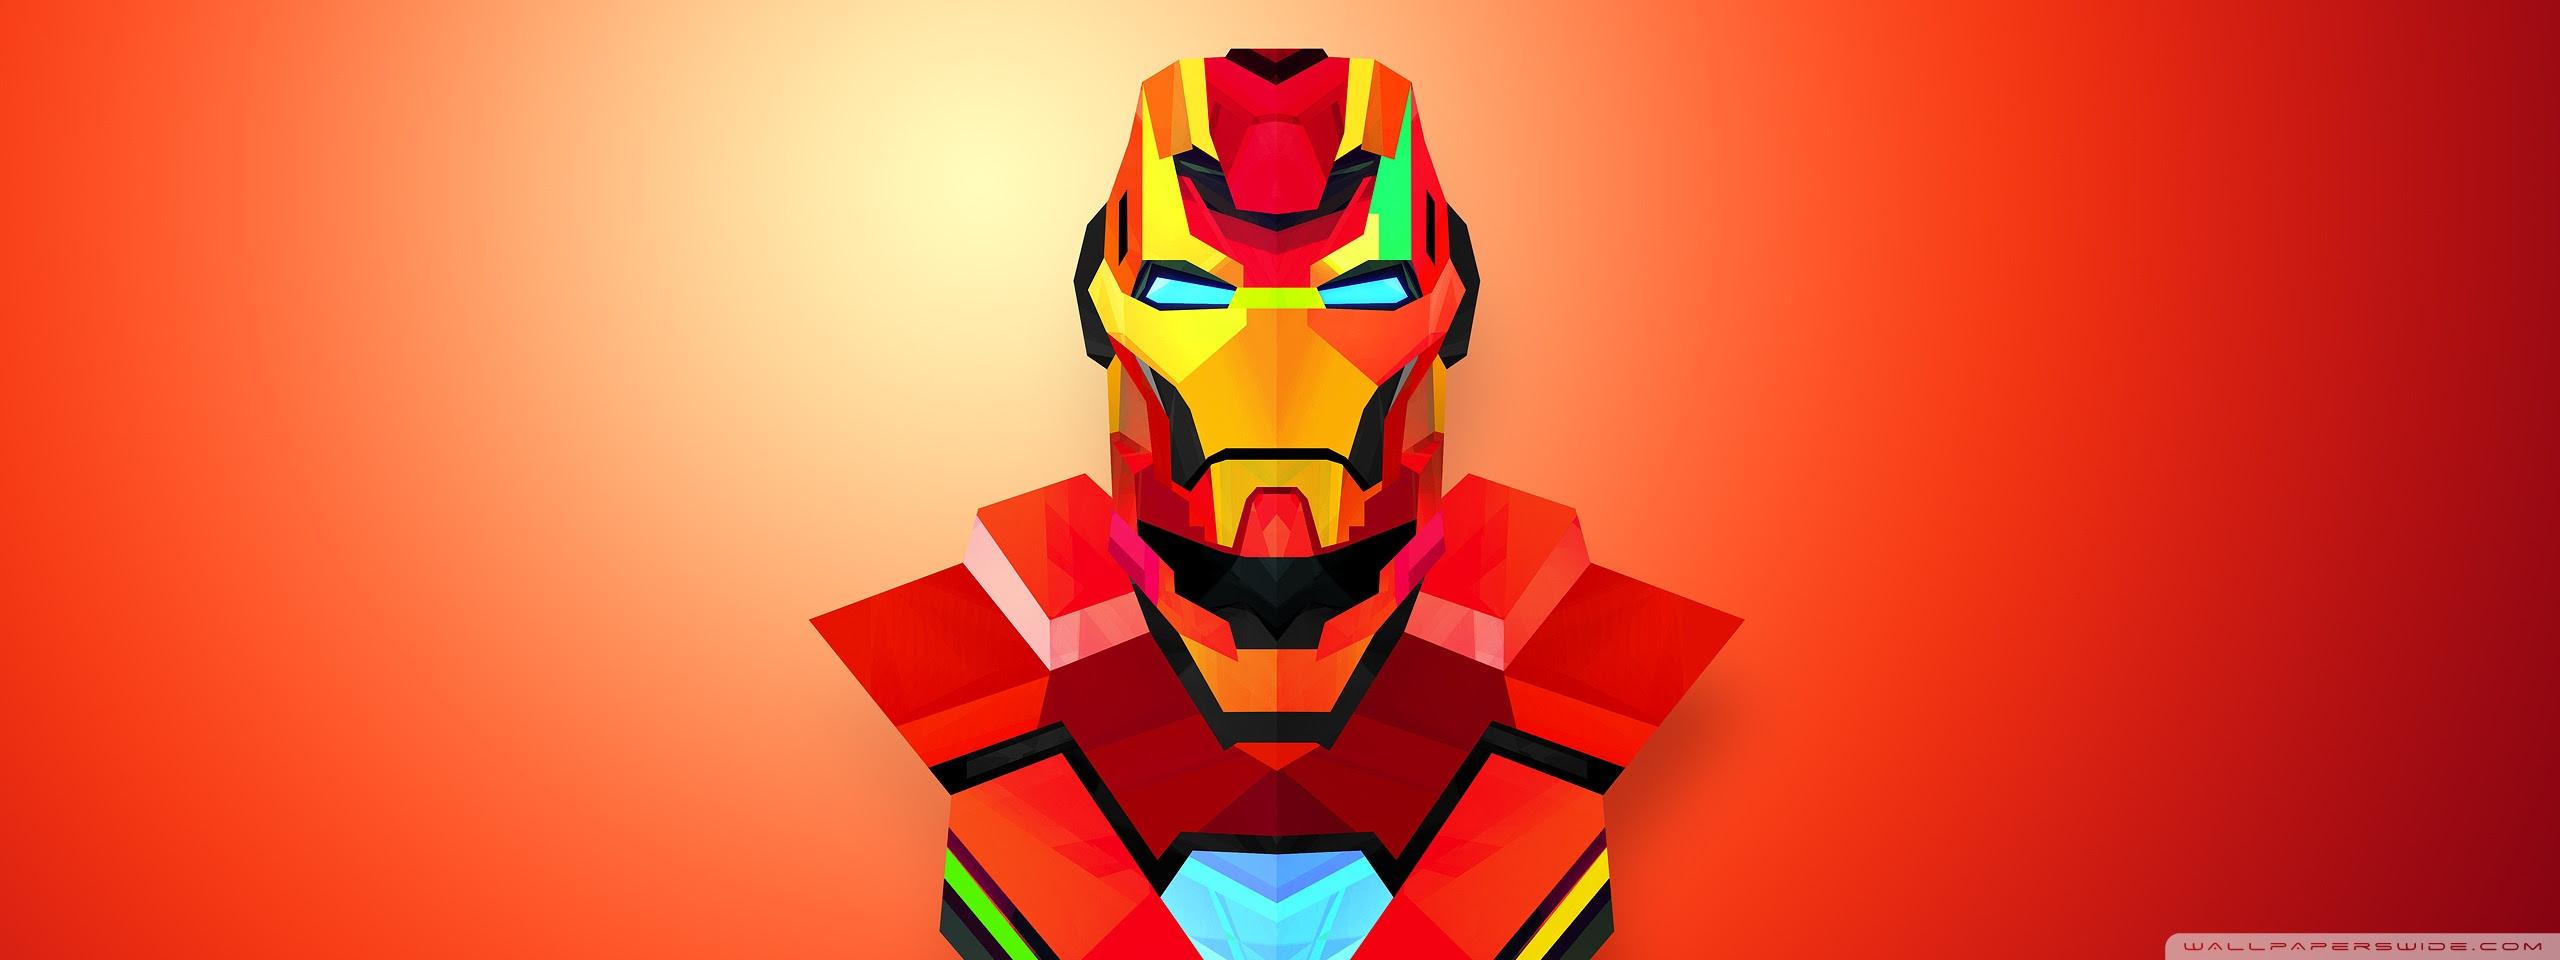 Iron Man Abstract Art Ultra Hd Desktop Background Wallpaper For